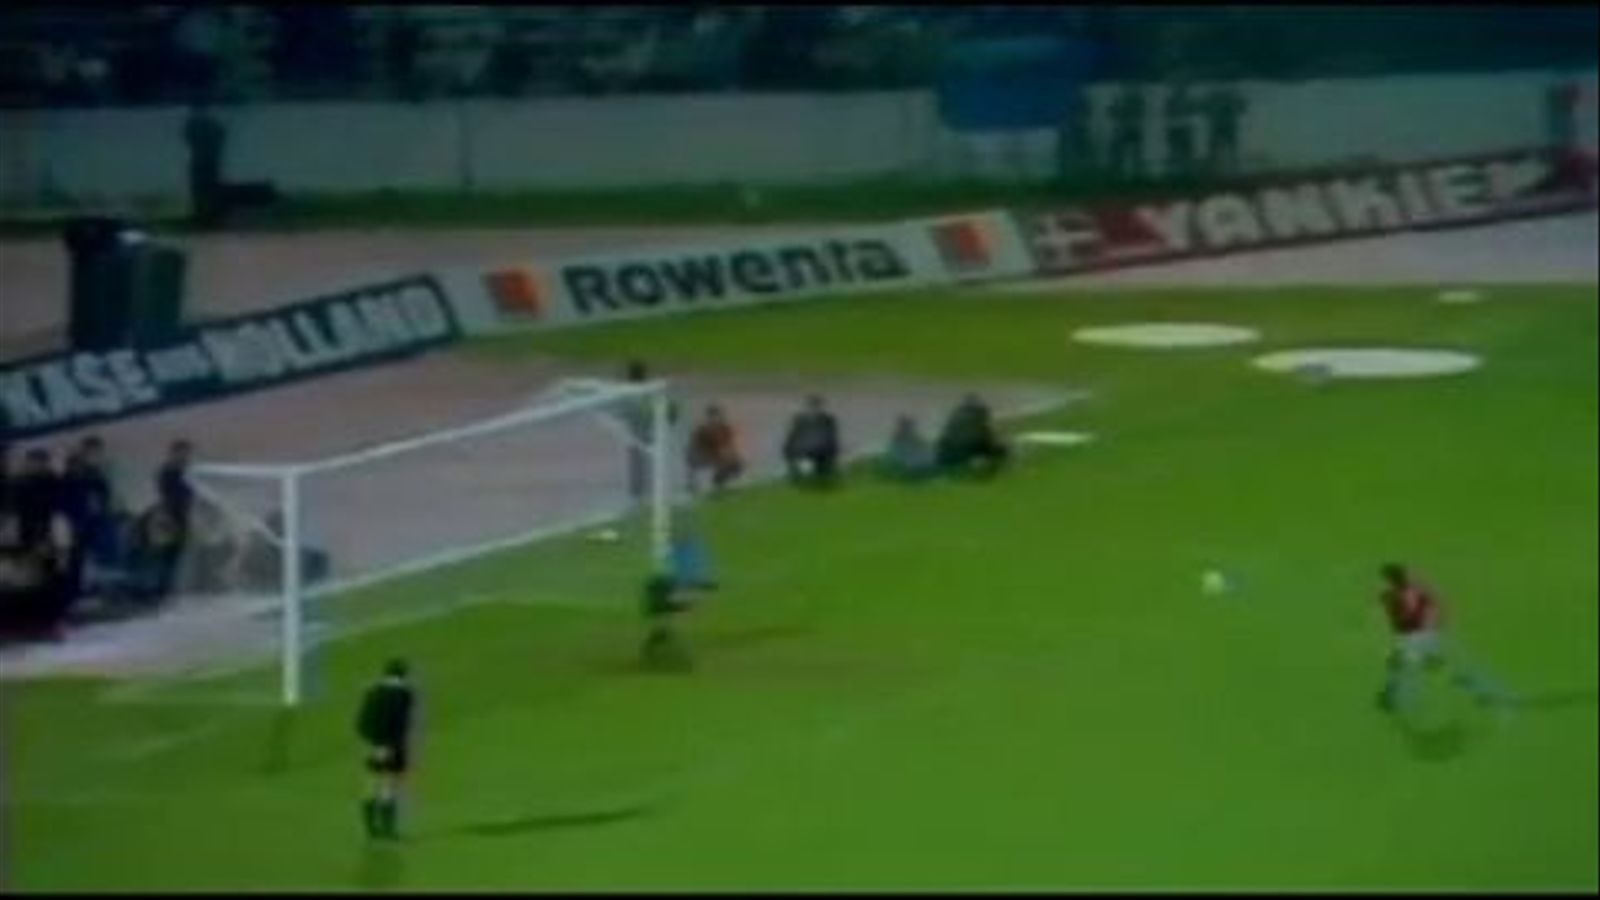 El penal de Panenka de la final de l'Eurocopa del 1976